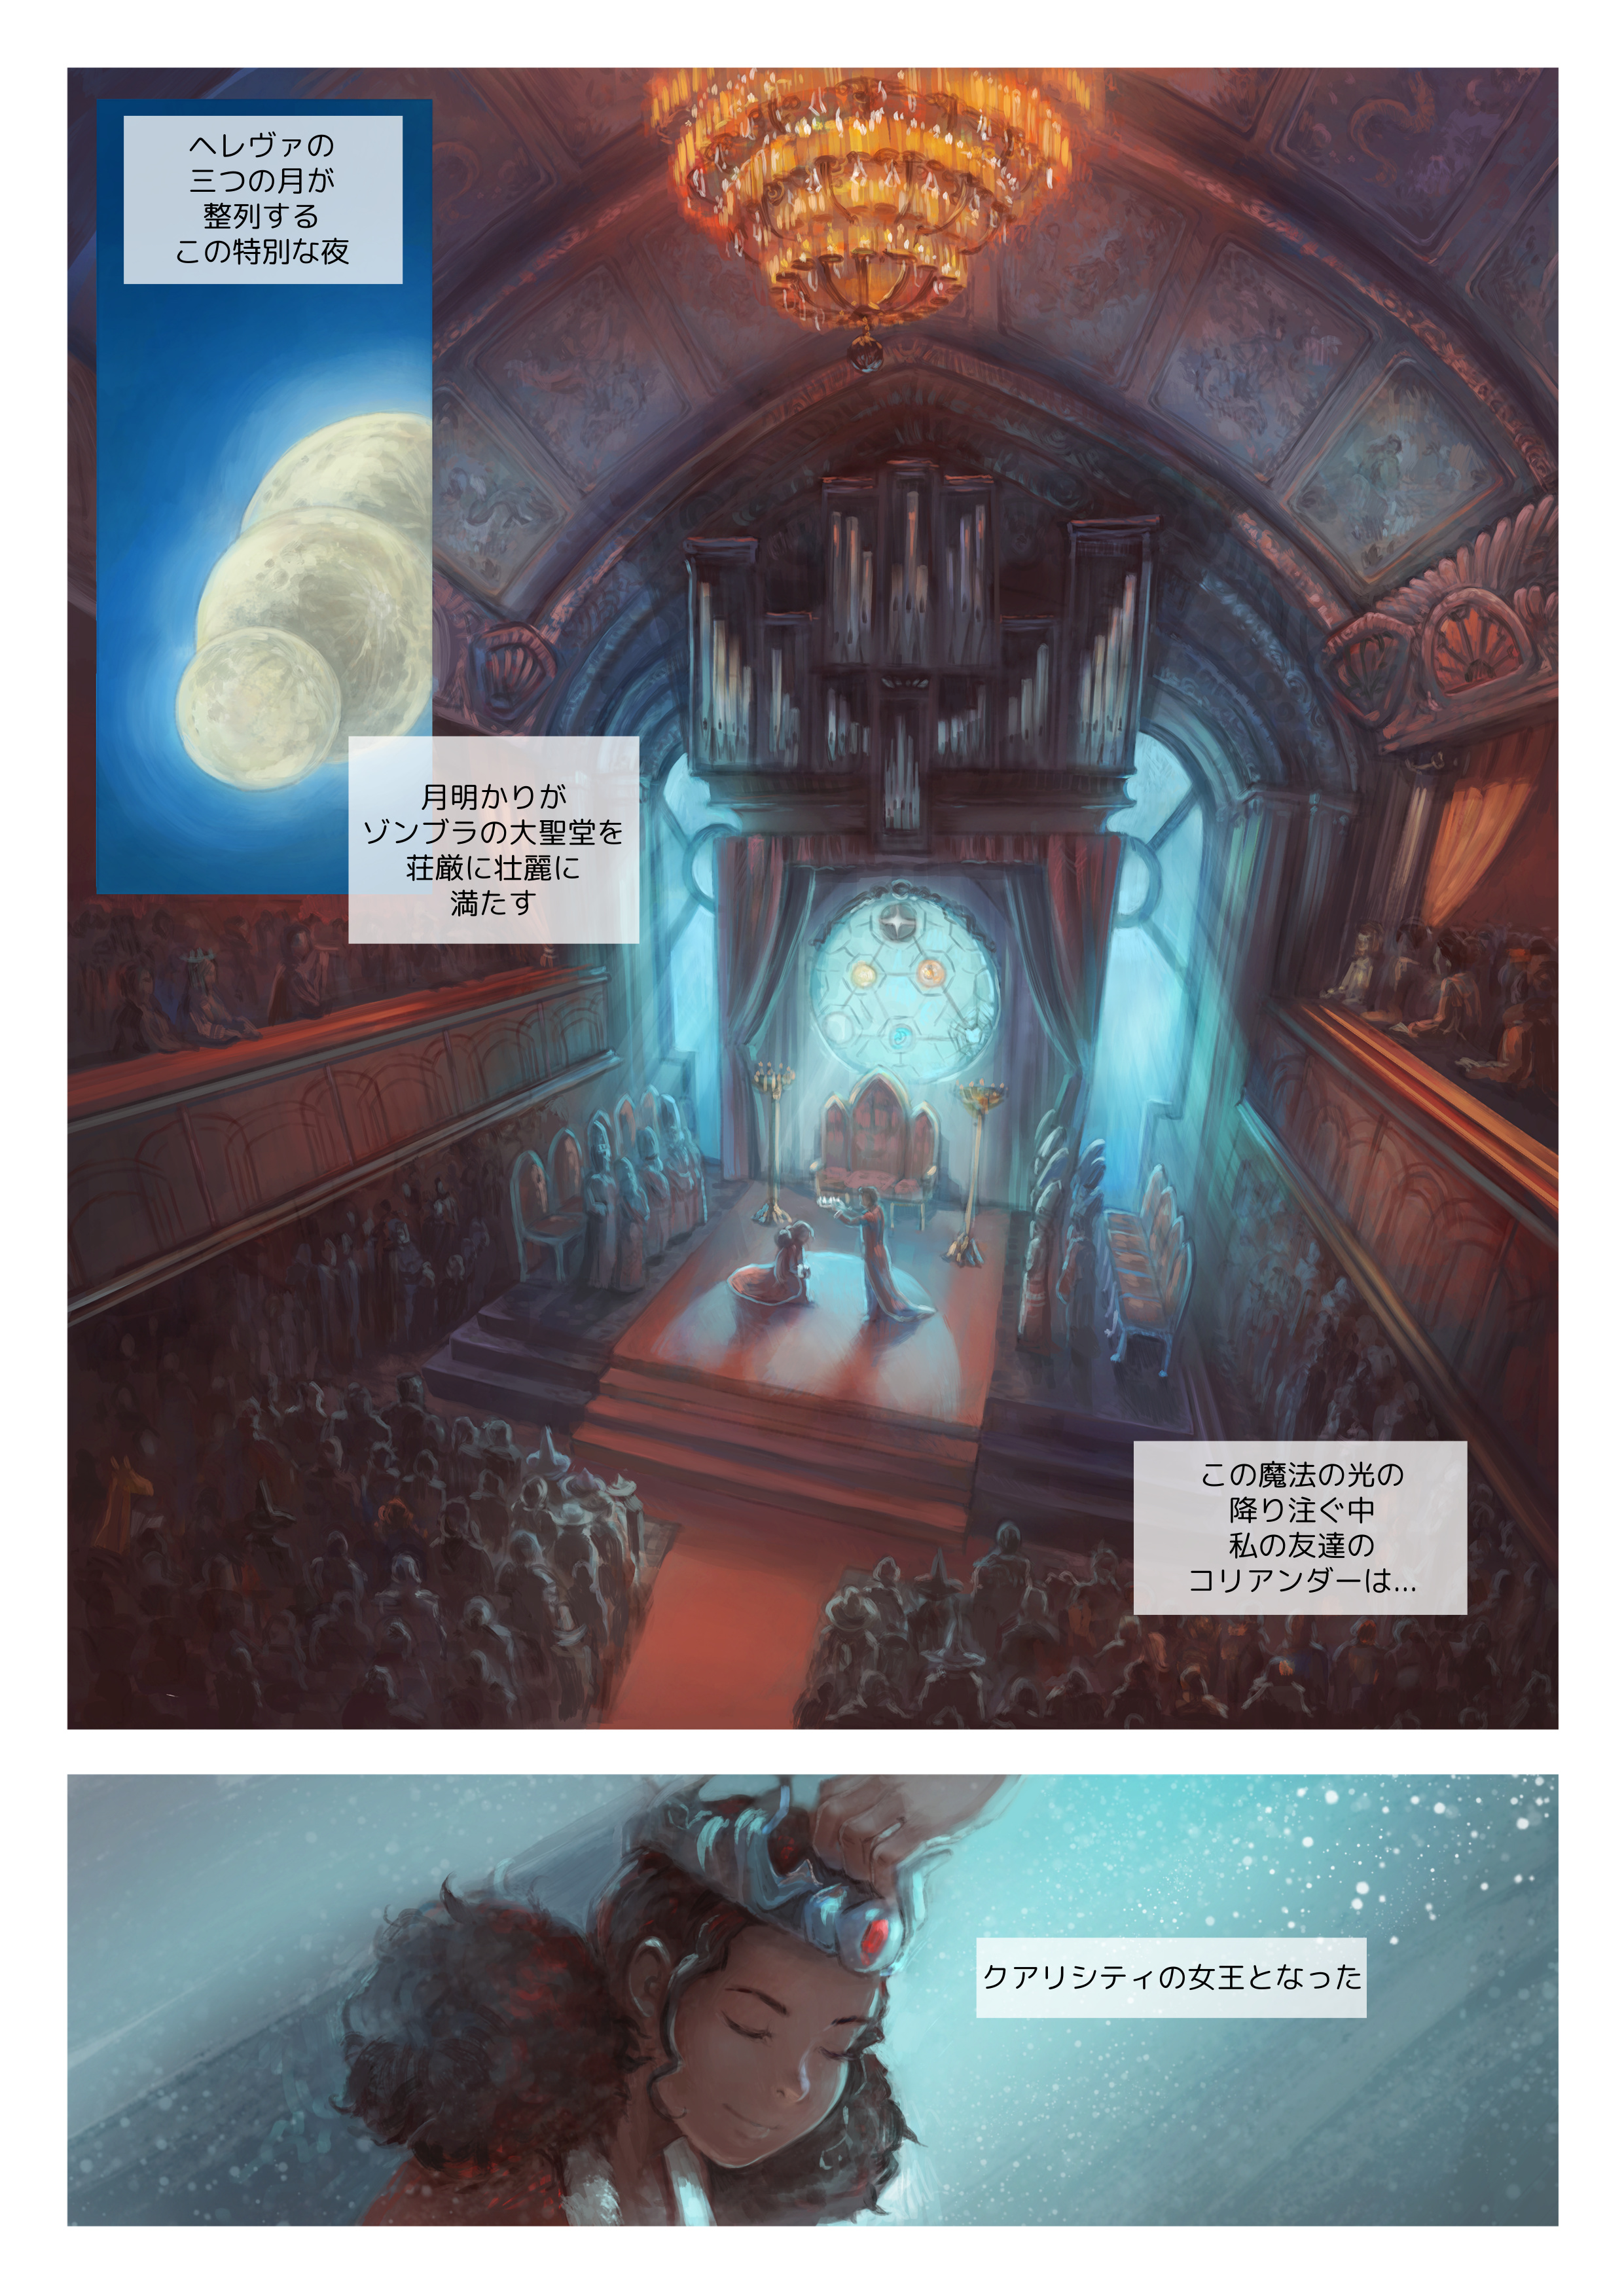 エピソード 28: 祝祭, ページ 1